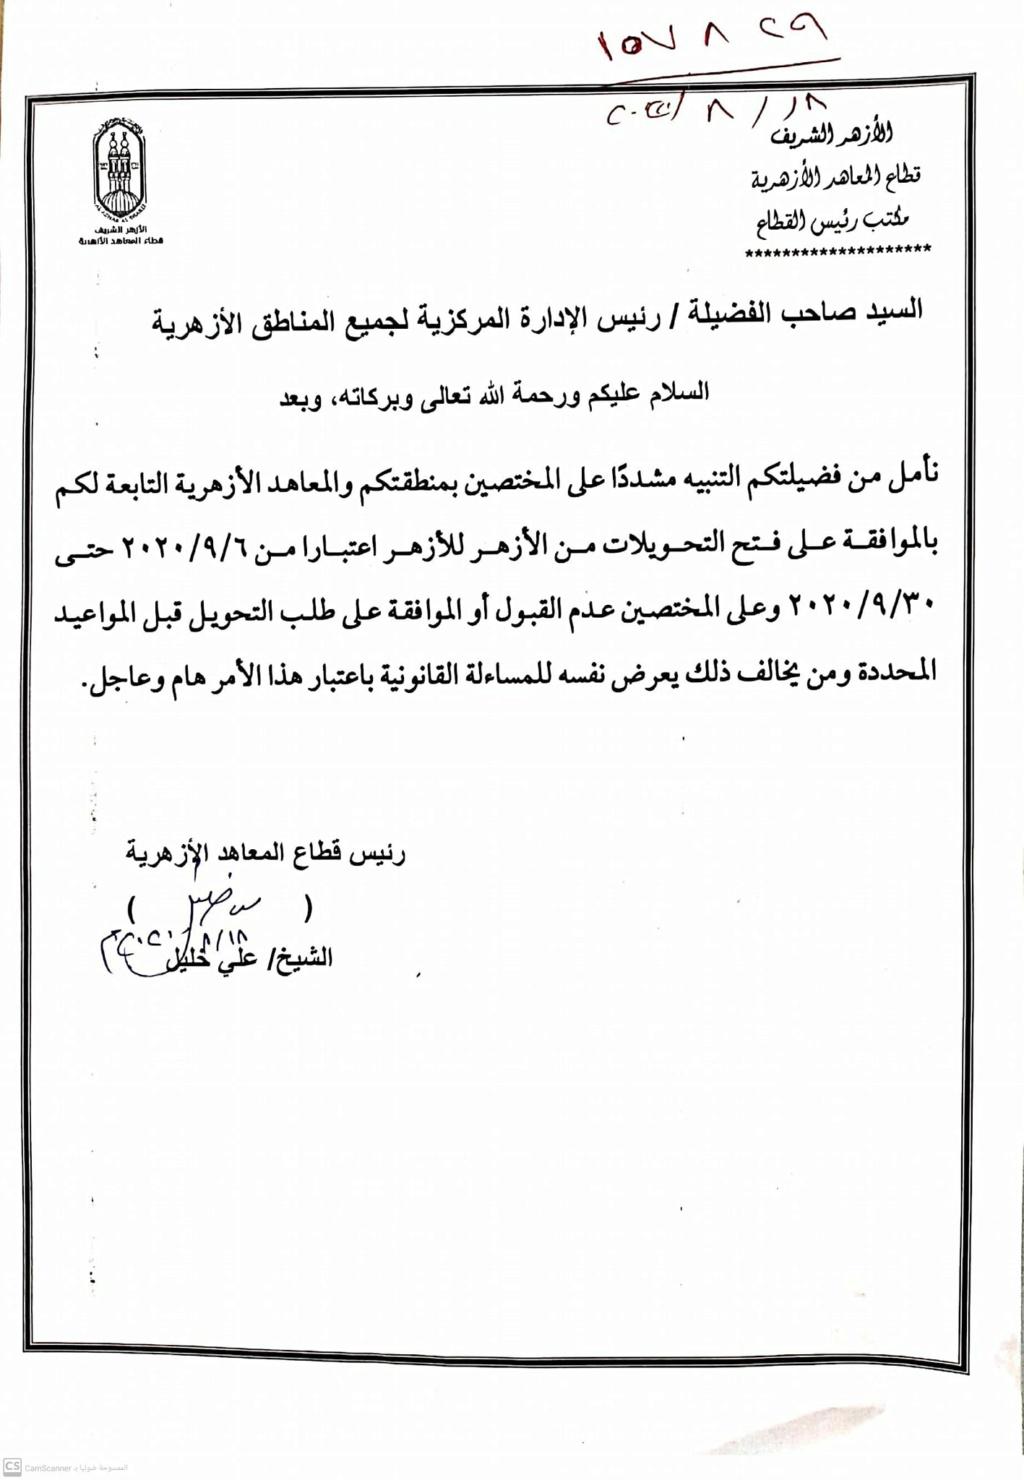 منشور فتح تحويلات الطلاب بين المعاهد الازهرية 8636